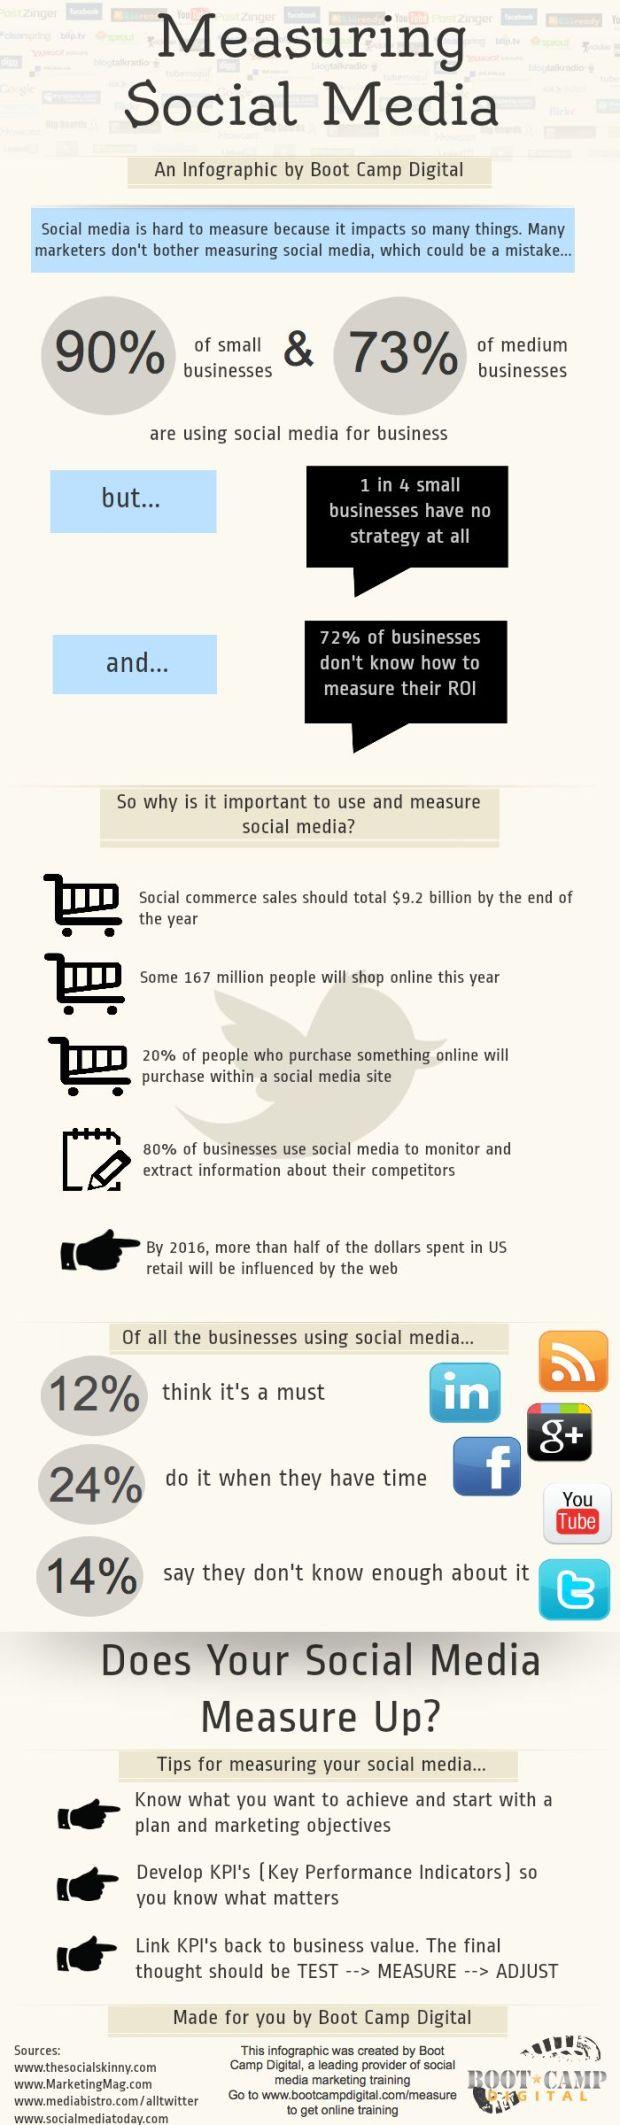 medir social media infografía